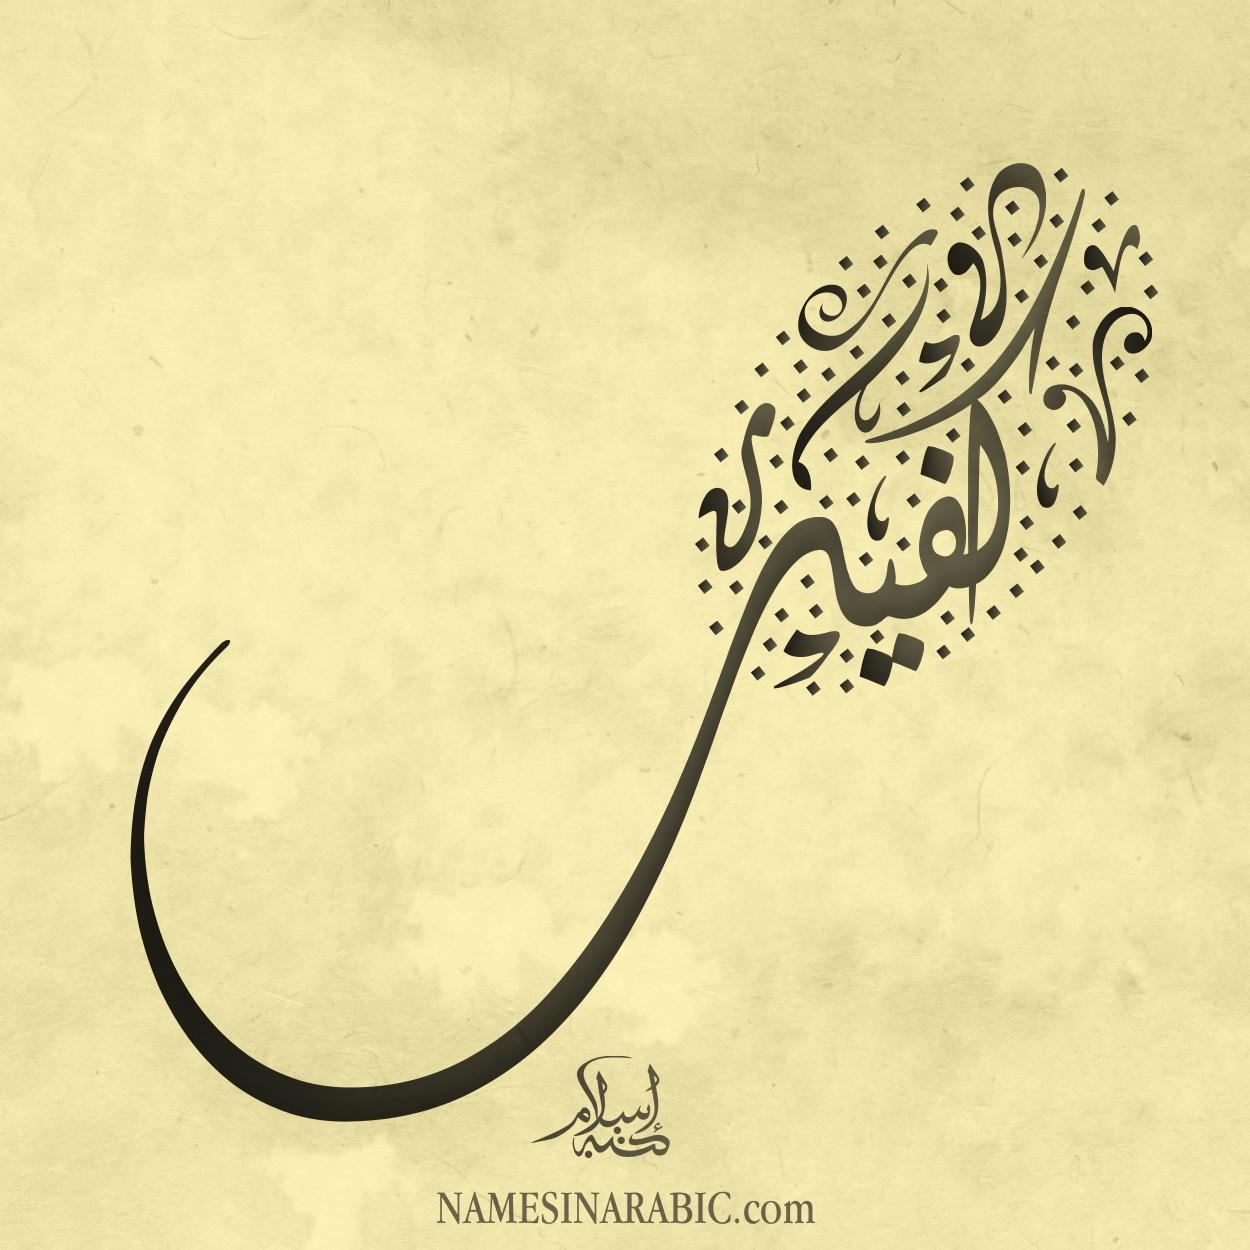 صورة اسم كفيل Kfyl اسم كفيل بالخط العربي من موقع الأسماء بالخط العربي بريشة الفنان إسلام ابن الفضل